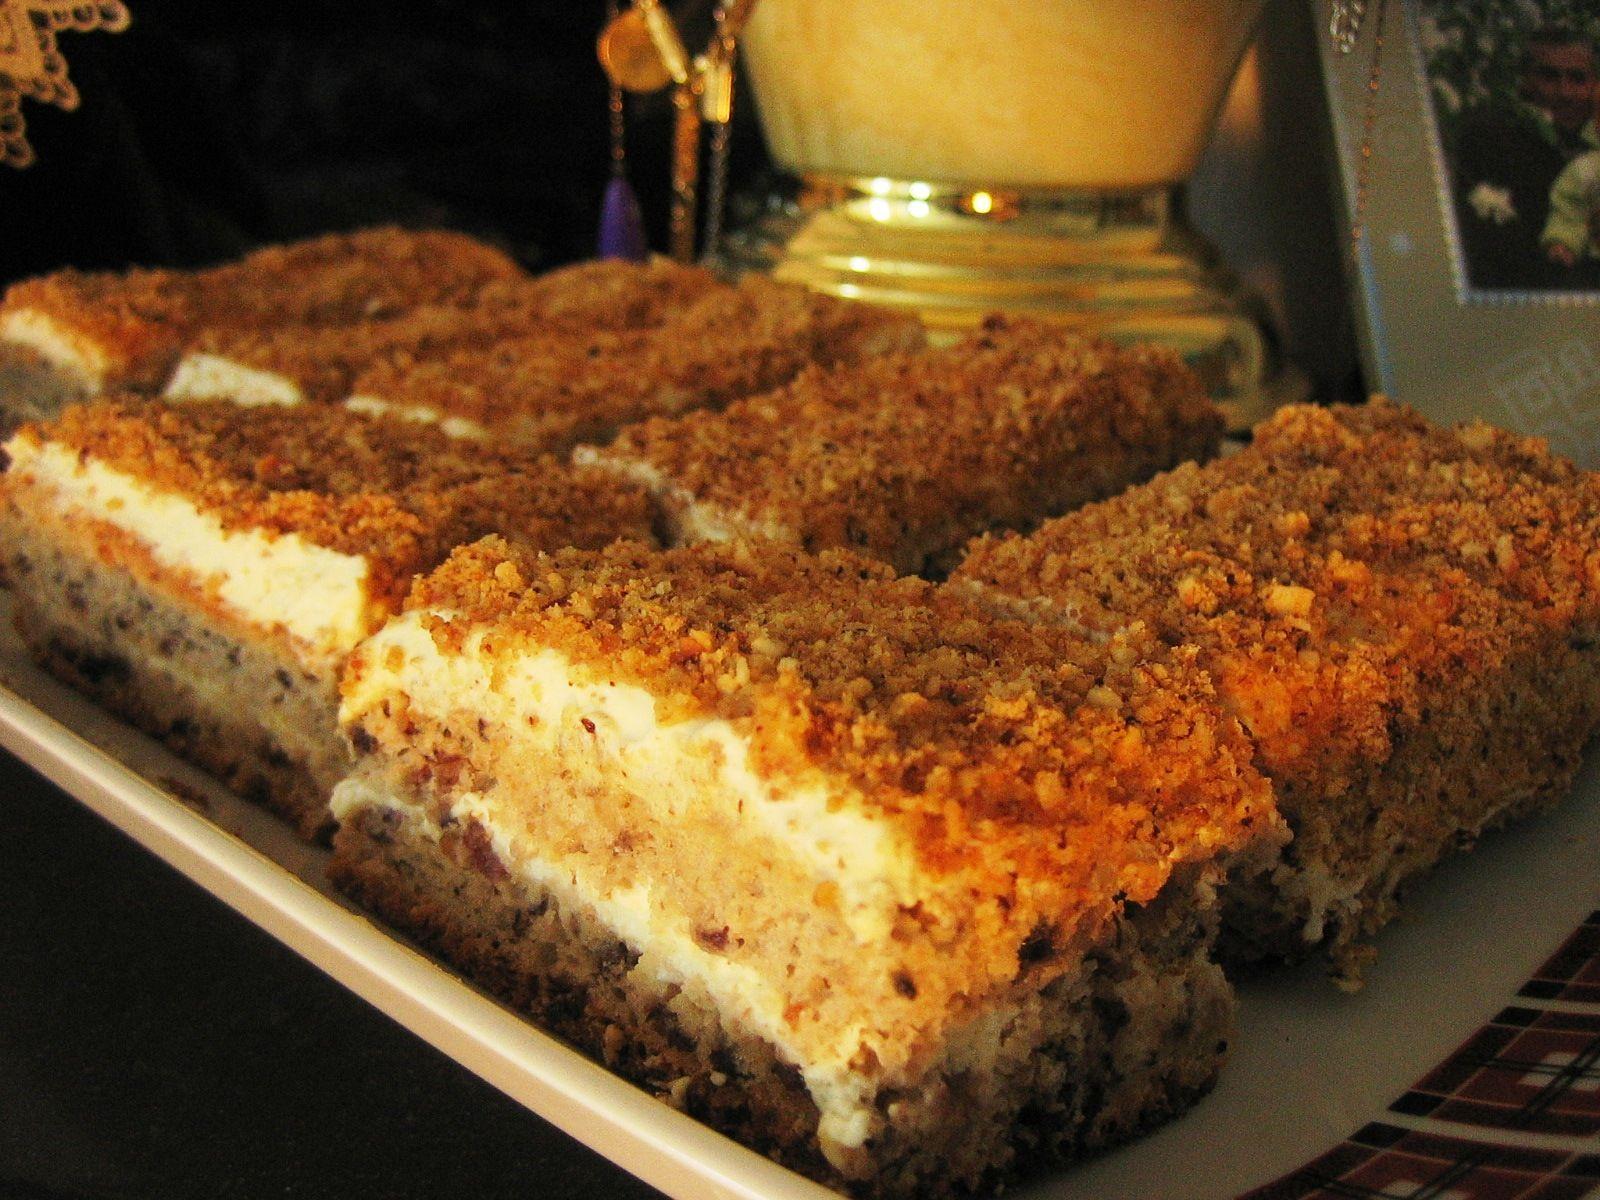 нередко сравнивают рецепт торта белочка с фото канапе сельдью домашних